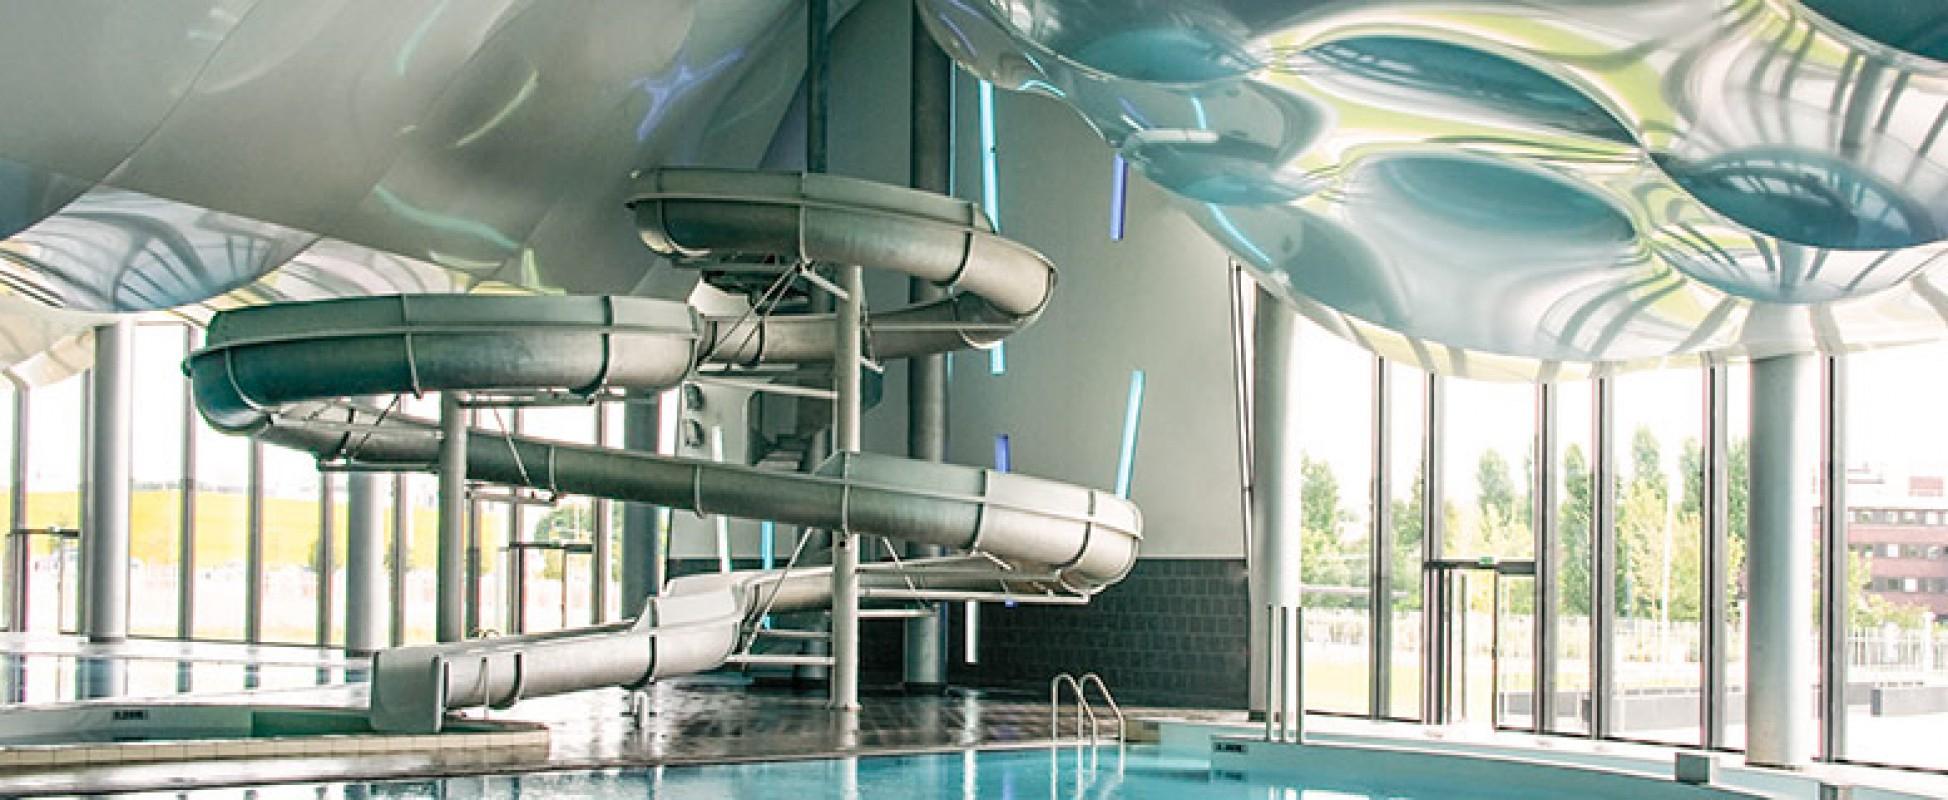 Aquarena Centre Aquatique Et Spa À Arras Dans Le Nord Pas De ... destiné Piscine Arras Aquarena